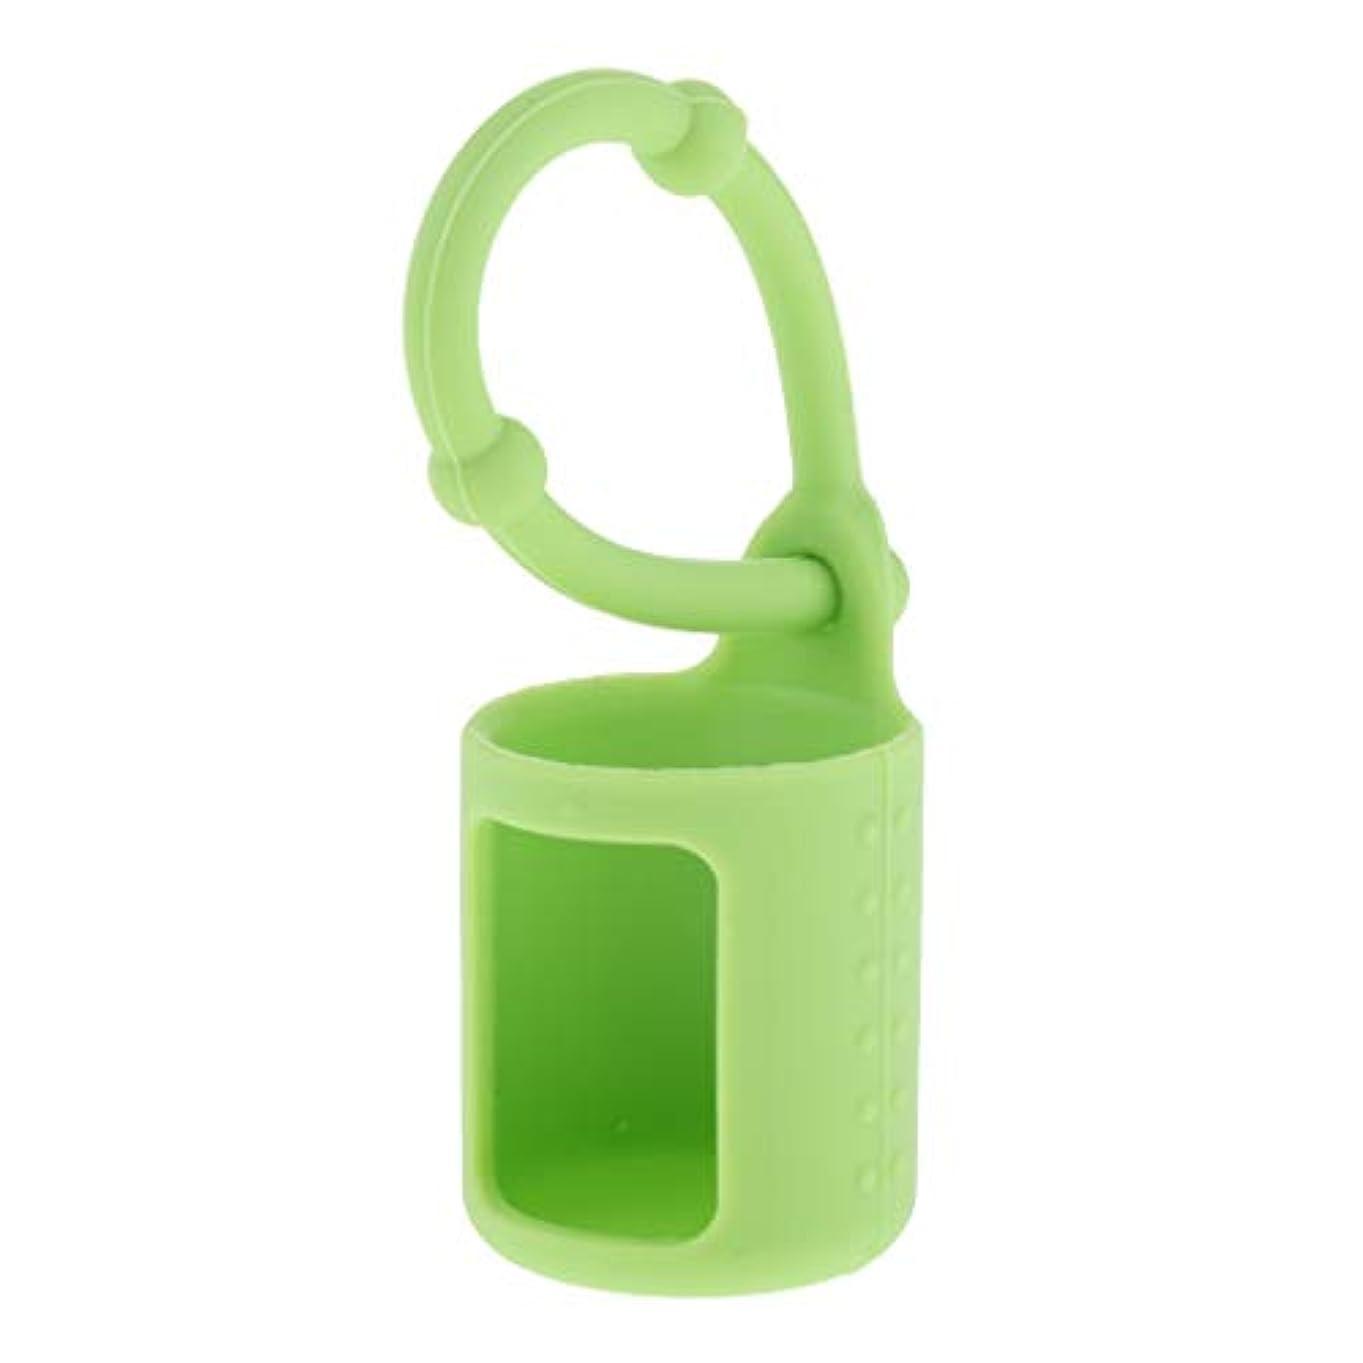 優先制限不忠6色選べ シリコーン ローラーボトルホルダー エッセンシャルオイル キャリングケース 5ml - 緑